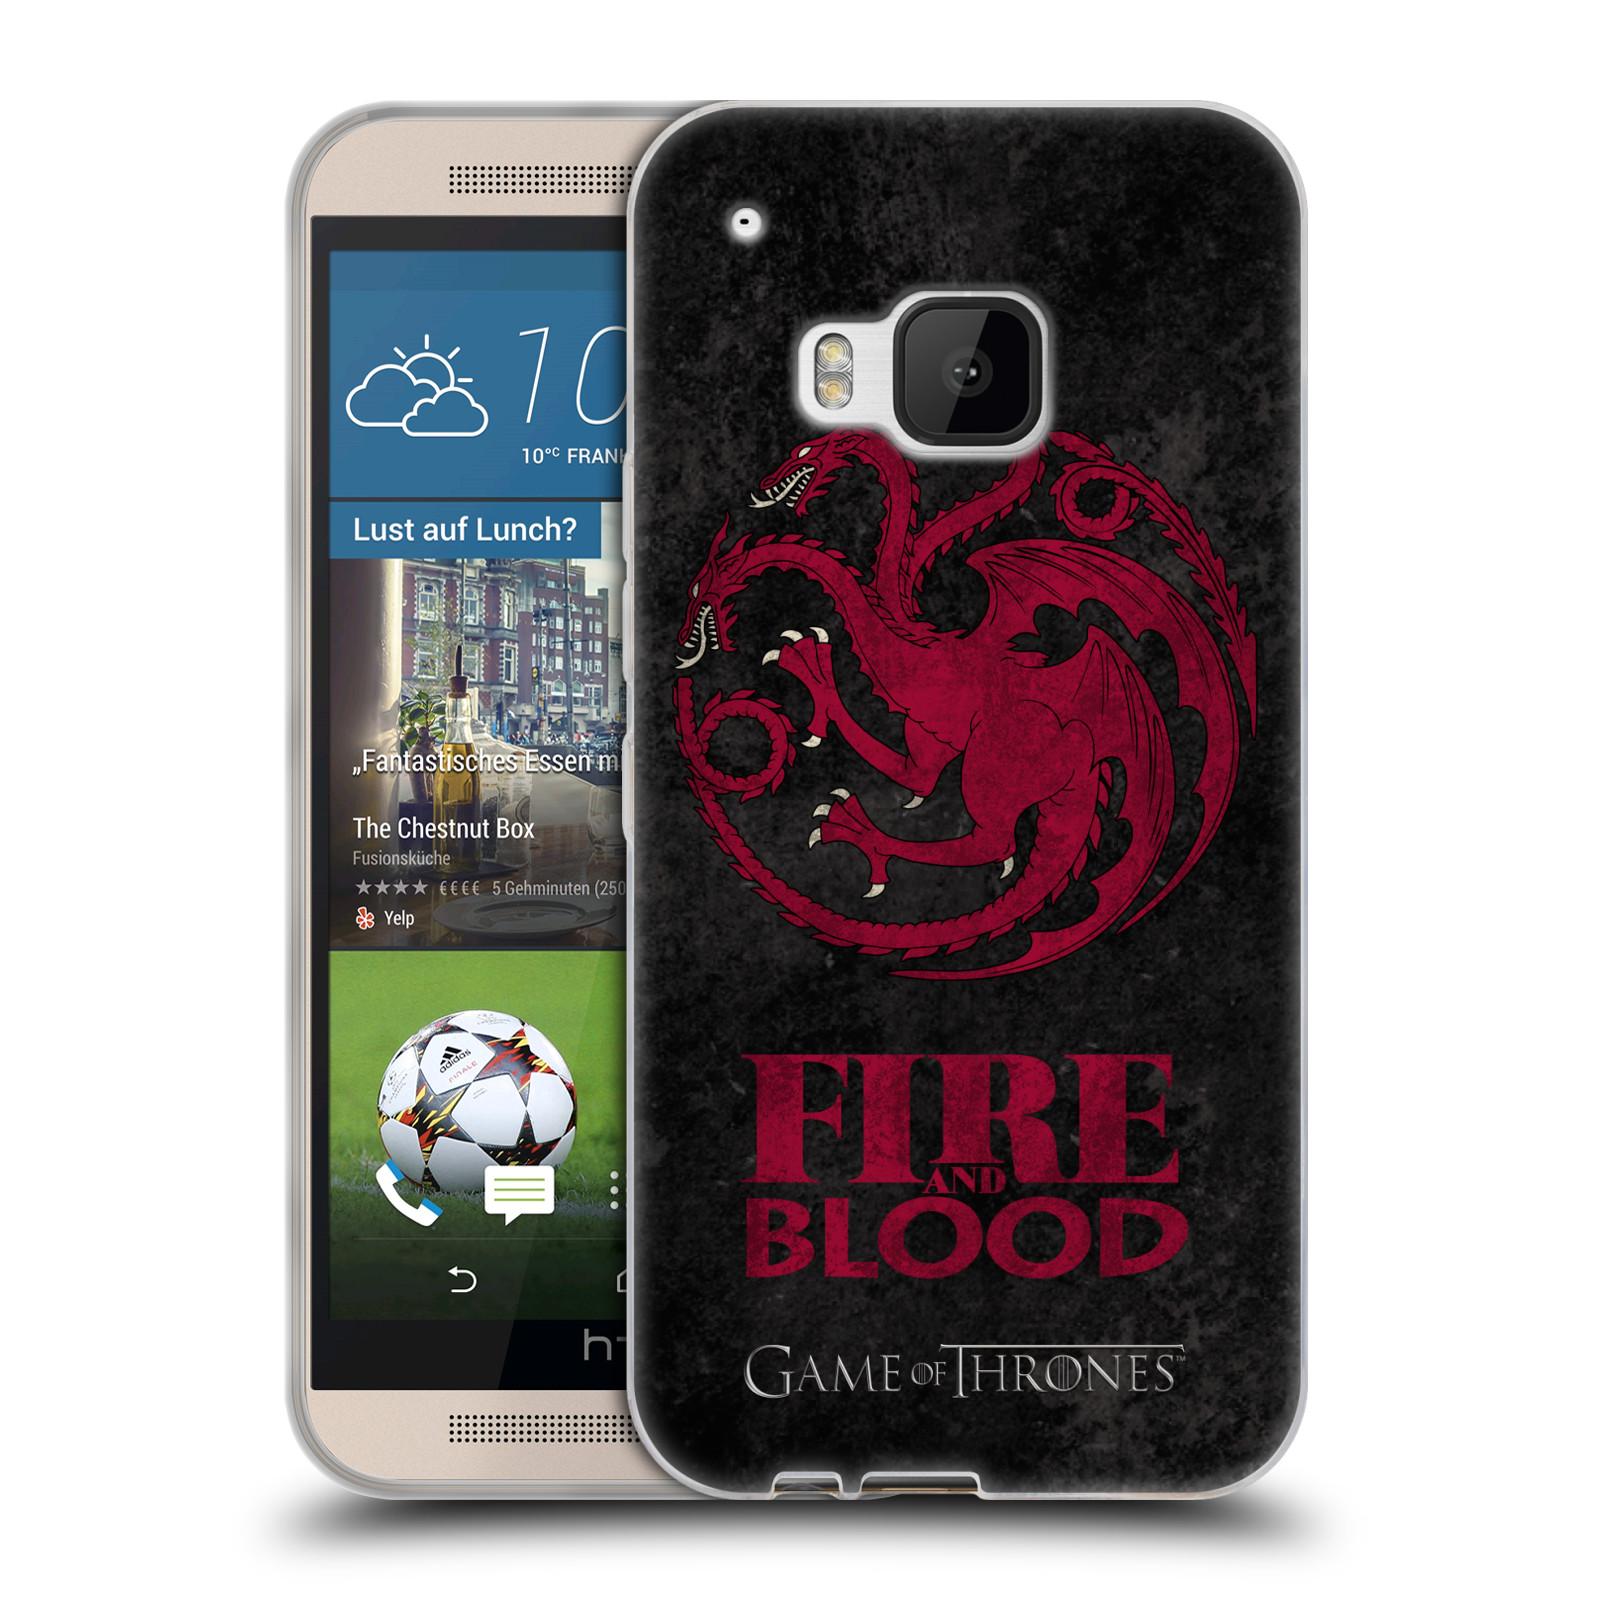 Silikonové pouzdro na mobil HTC ONE M9 HEAD CASE Hra o trůny - Sigils Targaryen - Fire and Blood (Silikonový kryt či obal na mobilní telefon s licencovaným motivem Hra o trůny - Game Of Thrones pro HTC ONE M9)